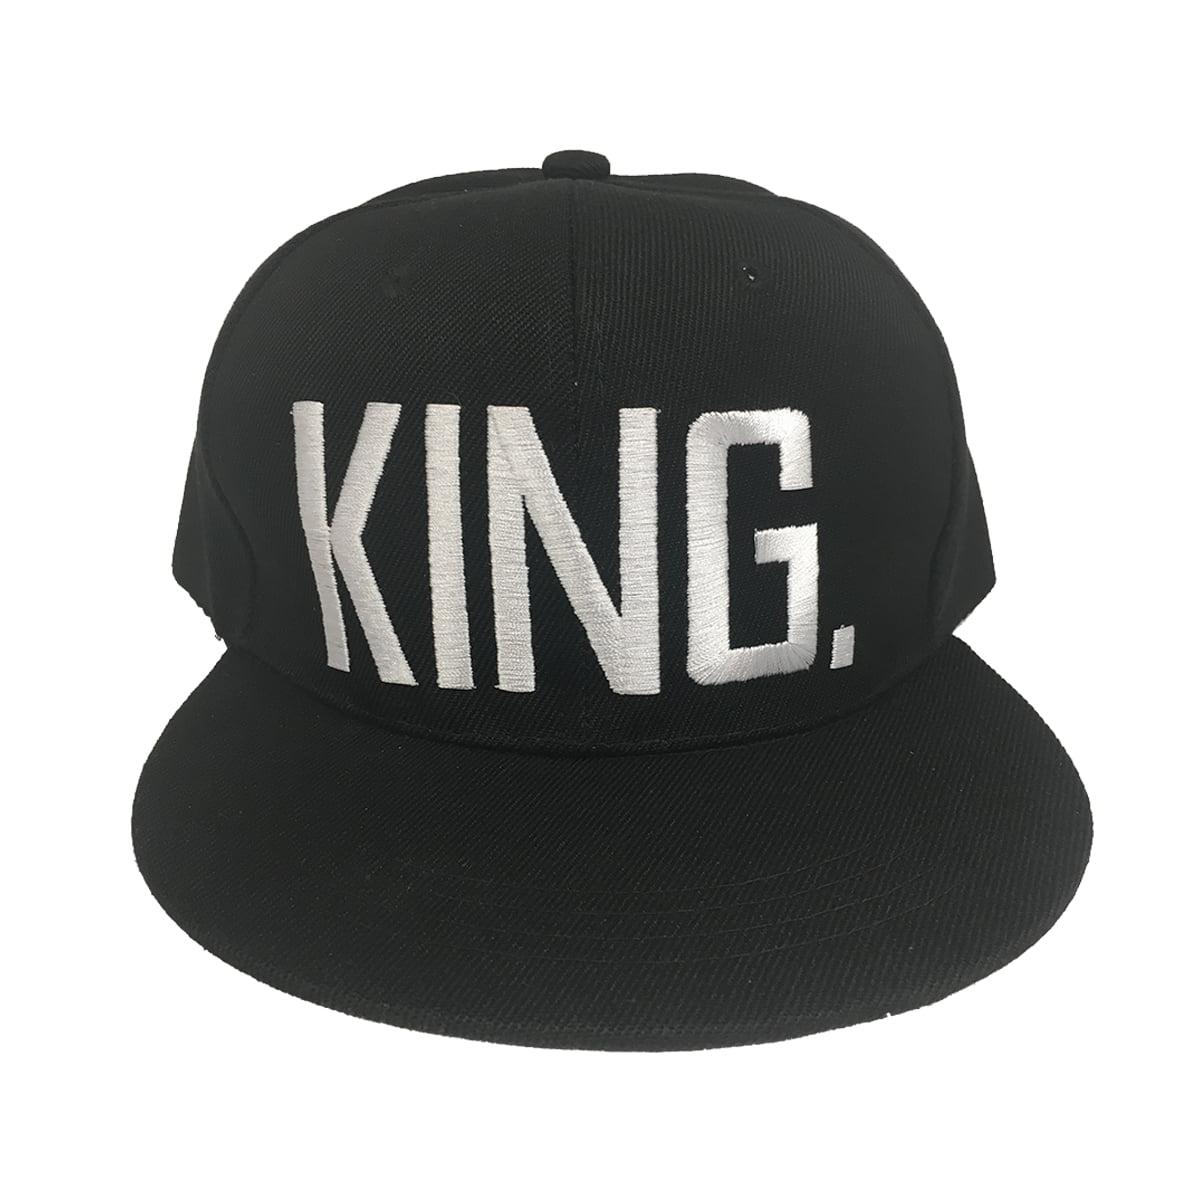 e10b31d69c7 King White Letters Black Baseball Cap